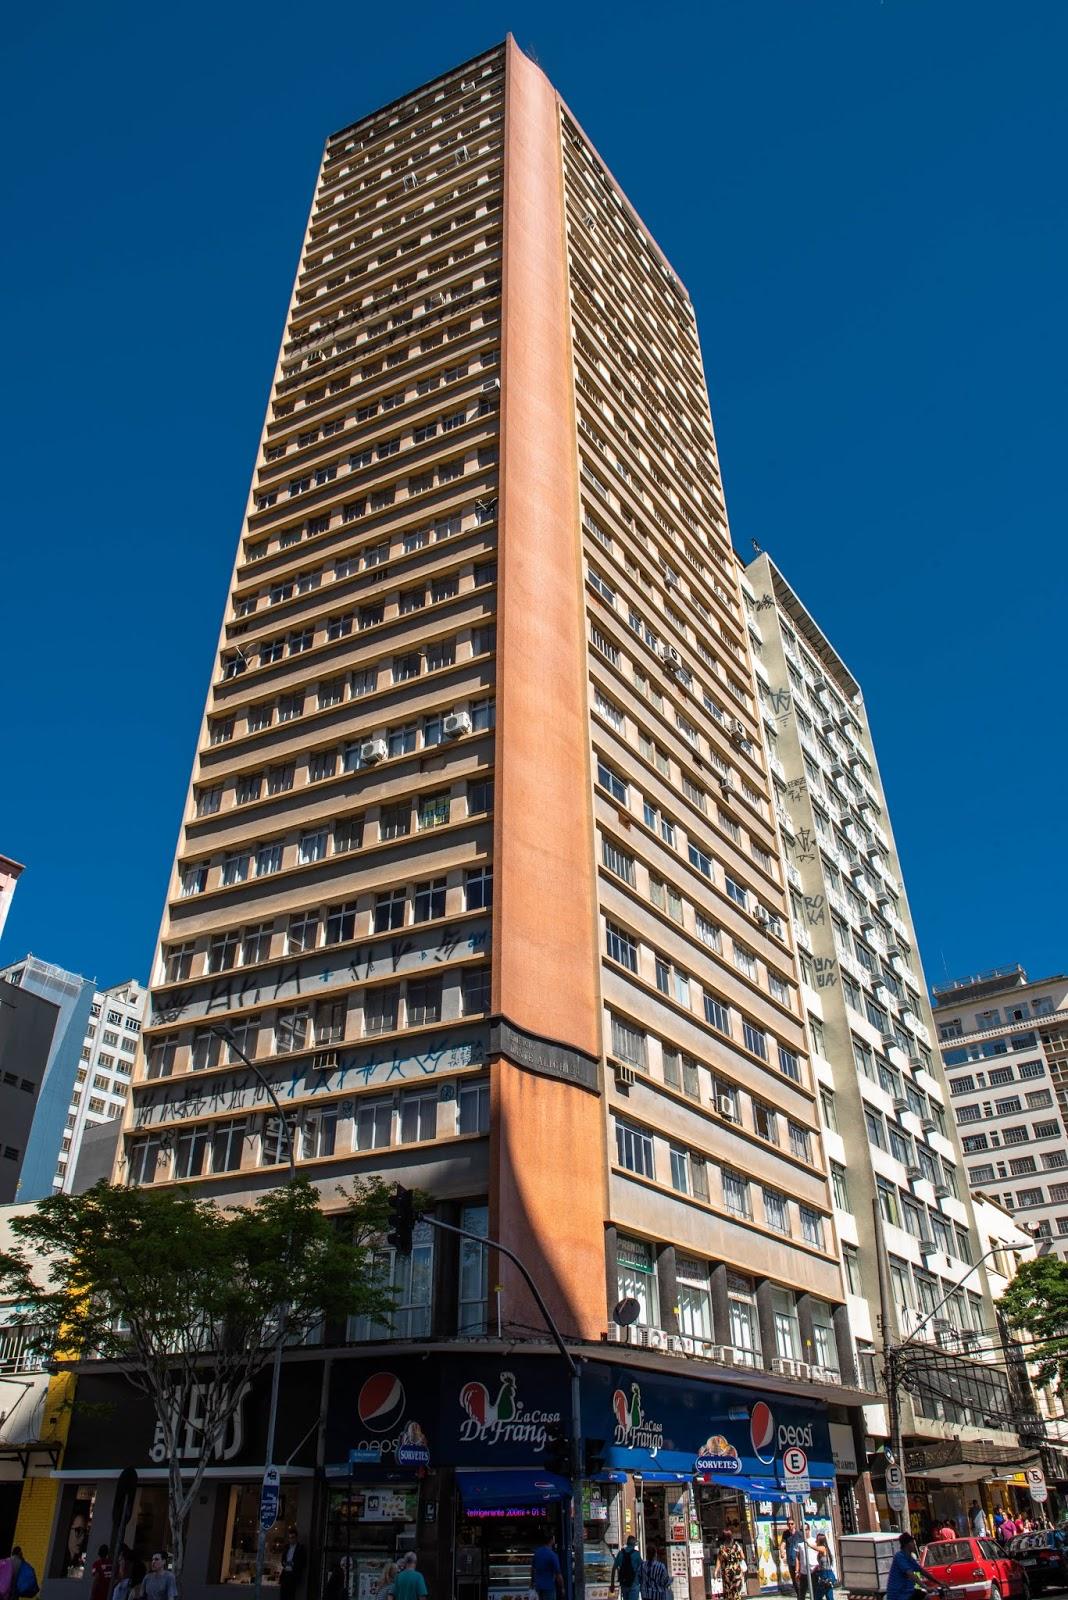 458dba73e25 Hoje publico os prédios que circundam essa pequena praça do centro de  Curitiba que normalmente é mais um local de passagem. Há alguns prédios  importantes ...